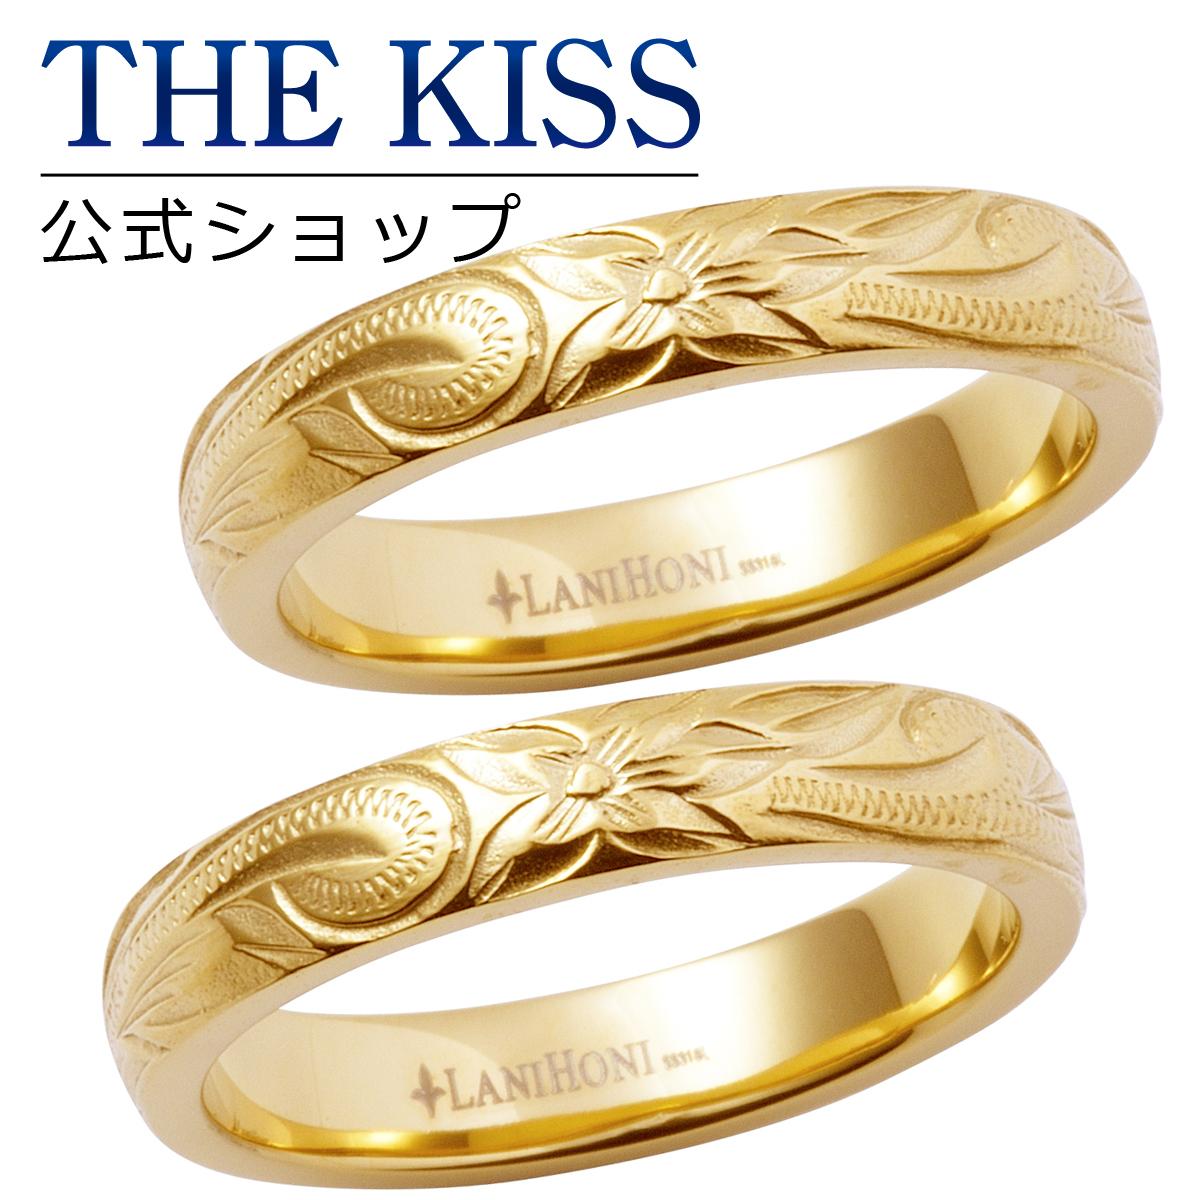 【あす楽対応】THE KISS 公式サイト ステンレス ハワイアン ペアリング ペアアクセサリー カップル に 人気 の ジュエリーブランド THEKISS ペア リング・指輪 記念日 プレゼント L-R8001-P セット シンプル ザキス 【送料無料】